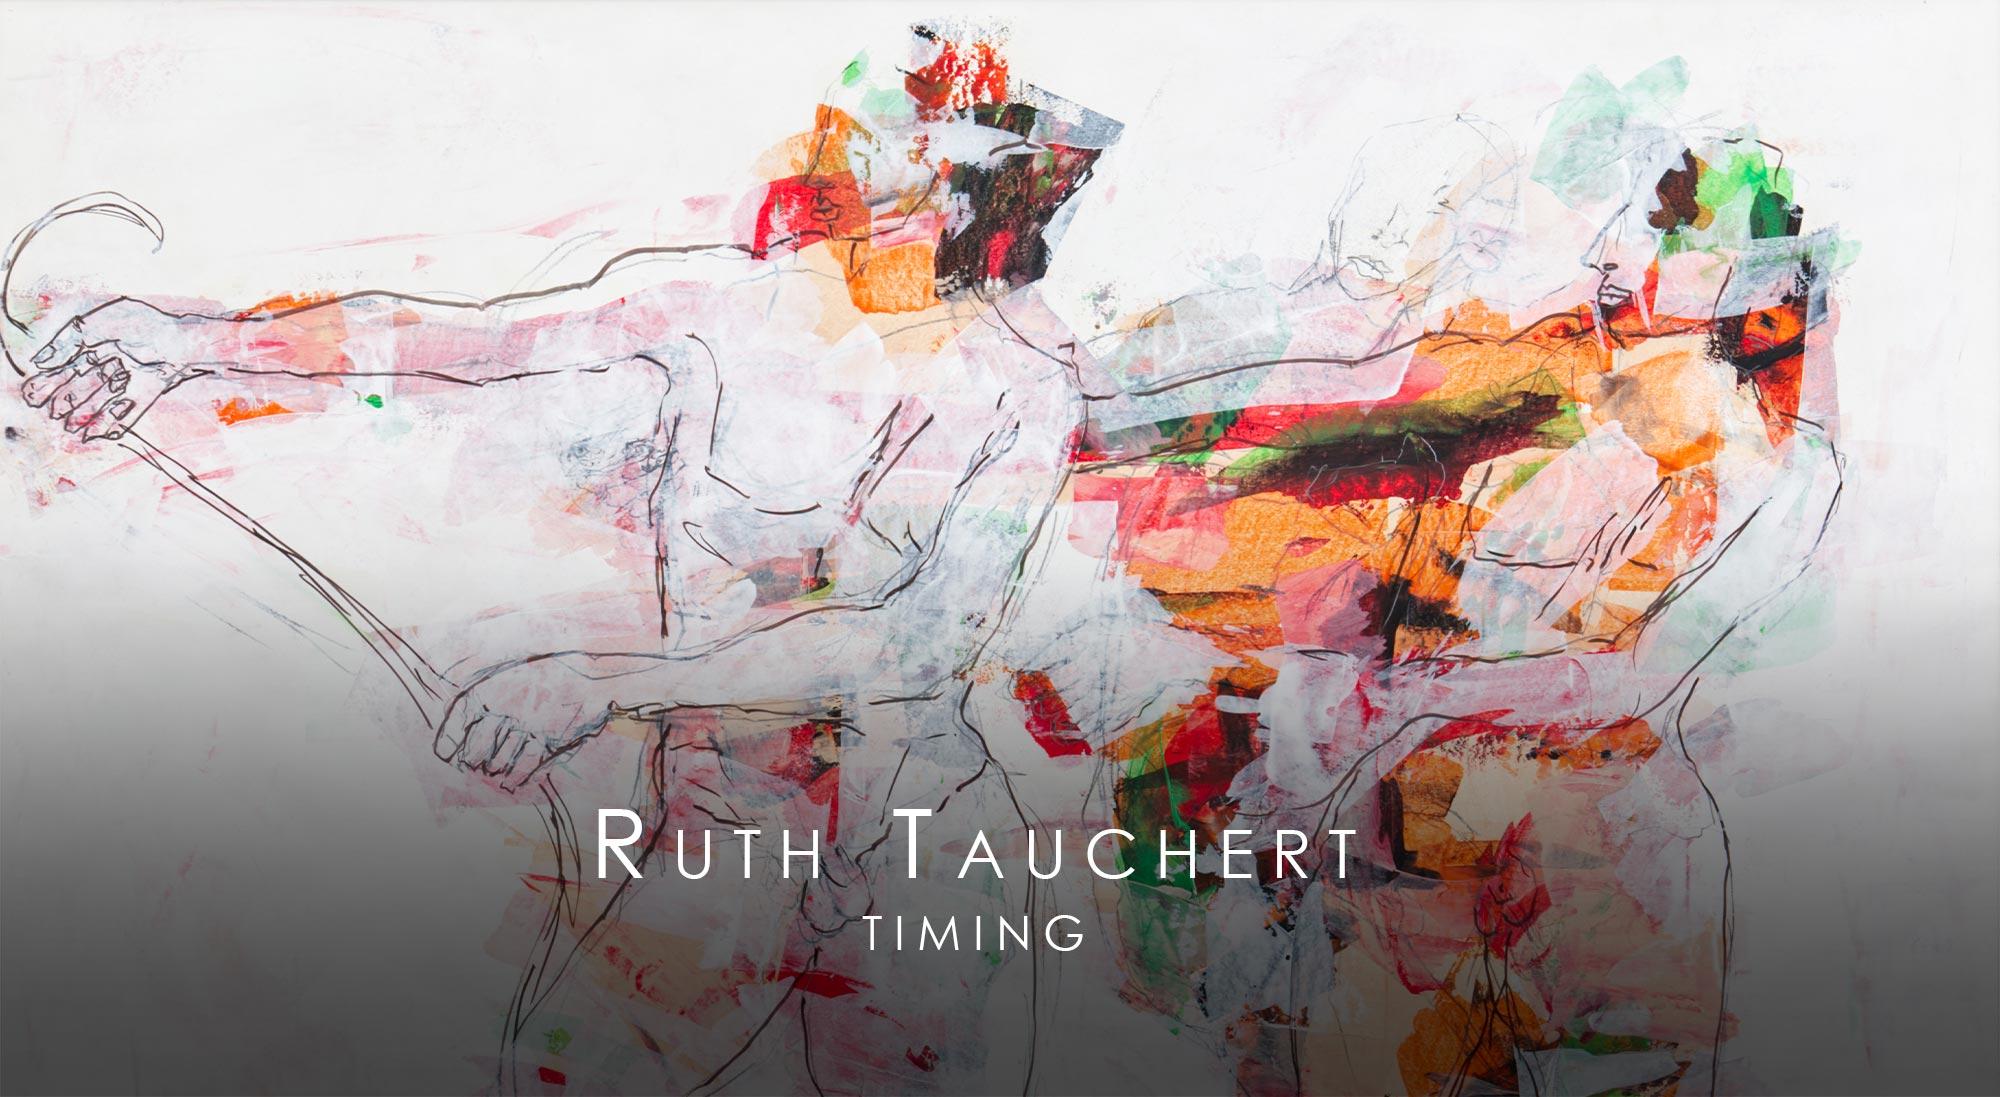 """Titelbild zu der Ausstellung """"Timing"""" von Ruth Tauchert"""